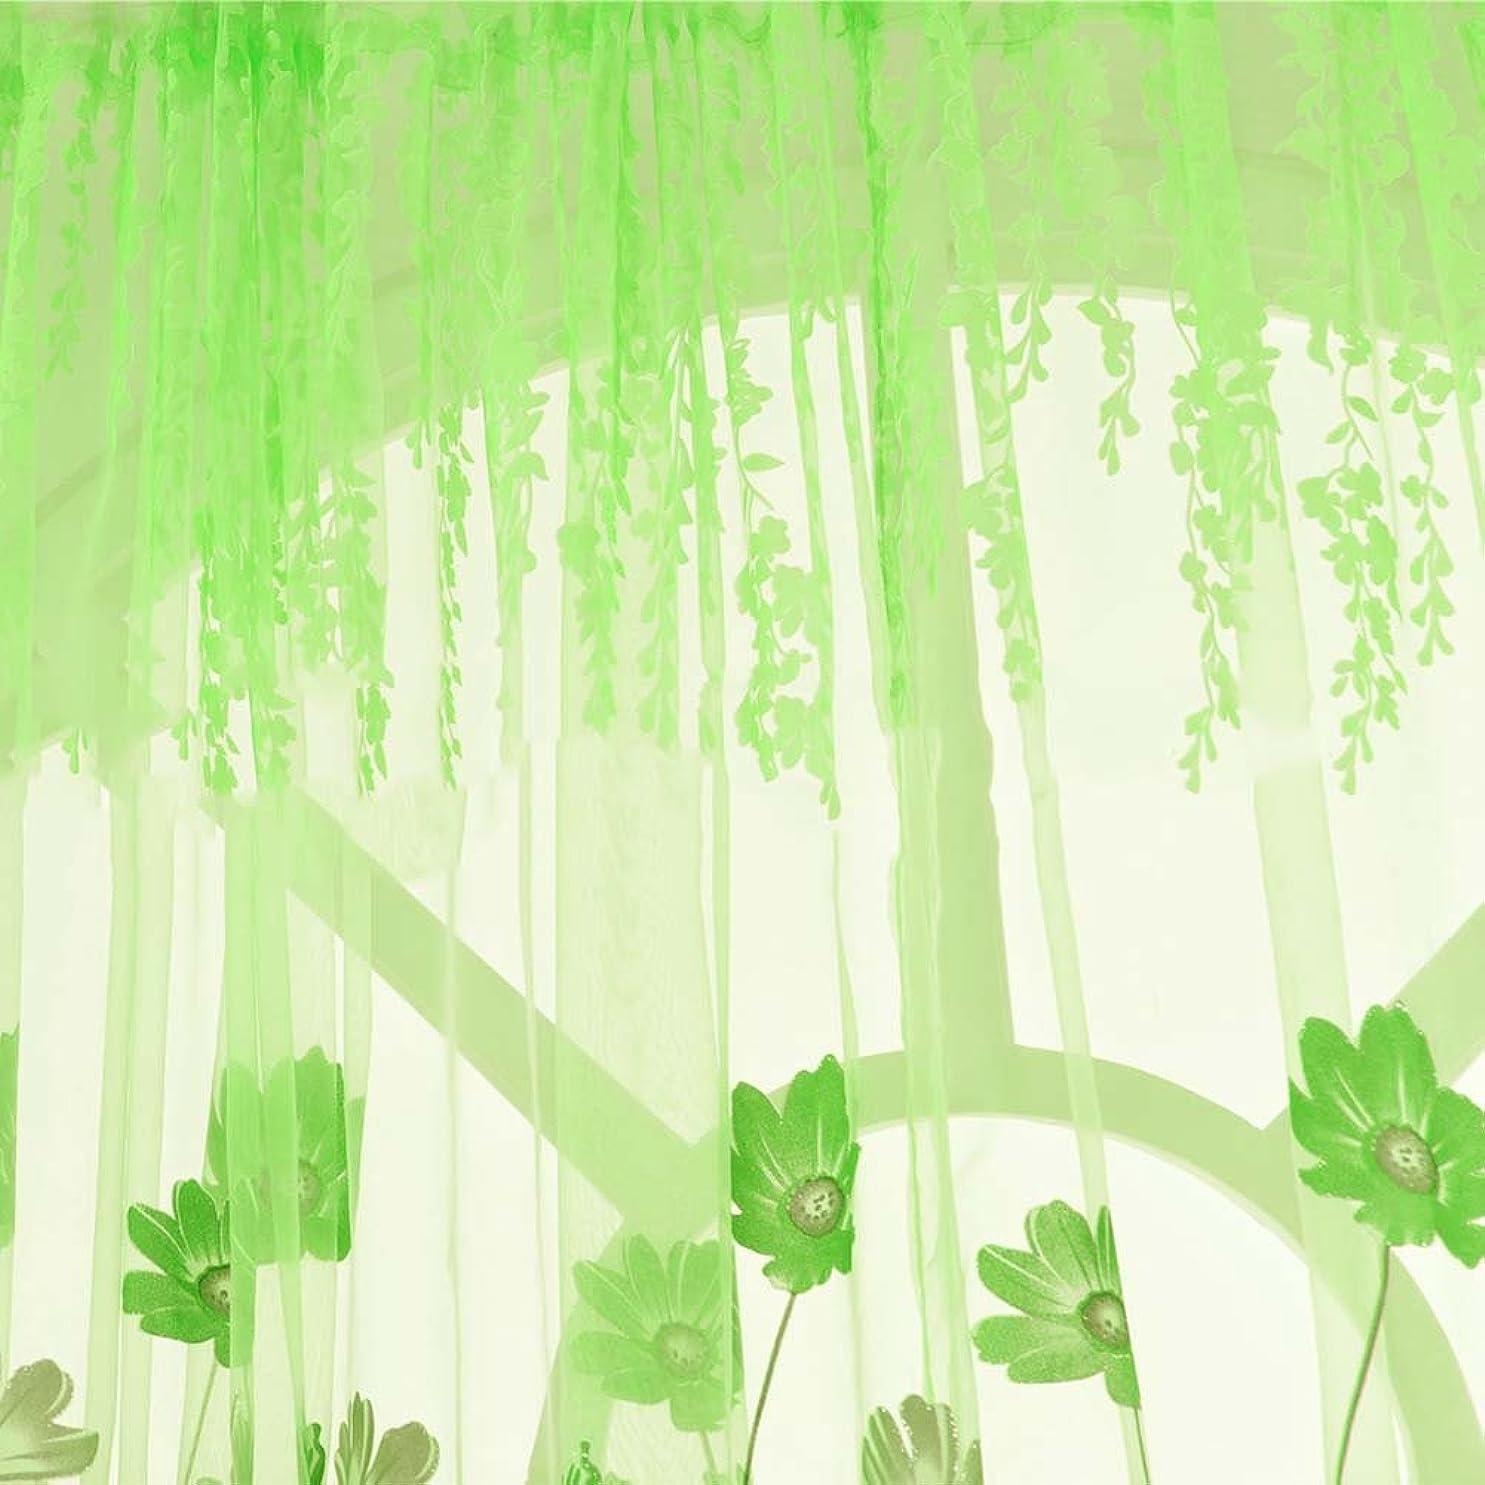 エンコミウム四分円乞食QIAONAI レースカーテン 薄手 チュール カーテン 花柄  目隠し断熱 半遮光 遮像 光を通す ホーム用品 リビング/トイレ/子供部屋/ワンルームなど間仕切り 雰囲気転換 賃貸屋 幅100x200cm  (グリーン(ゲサンの花))